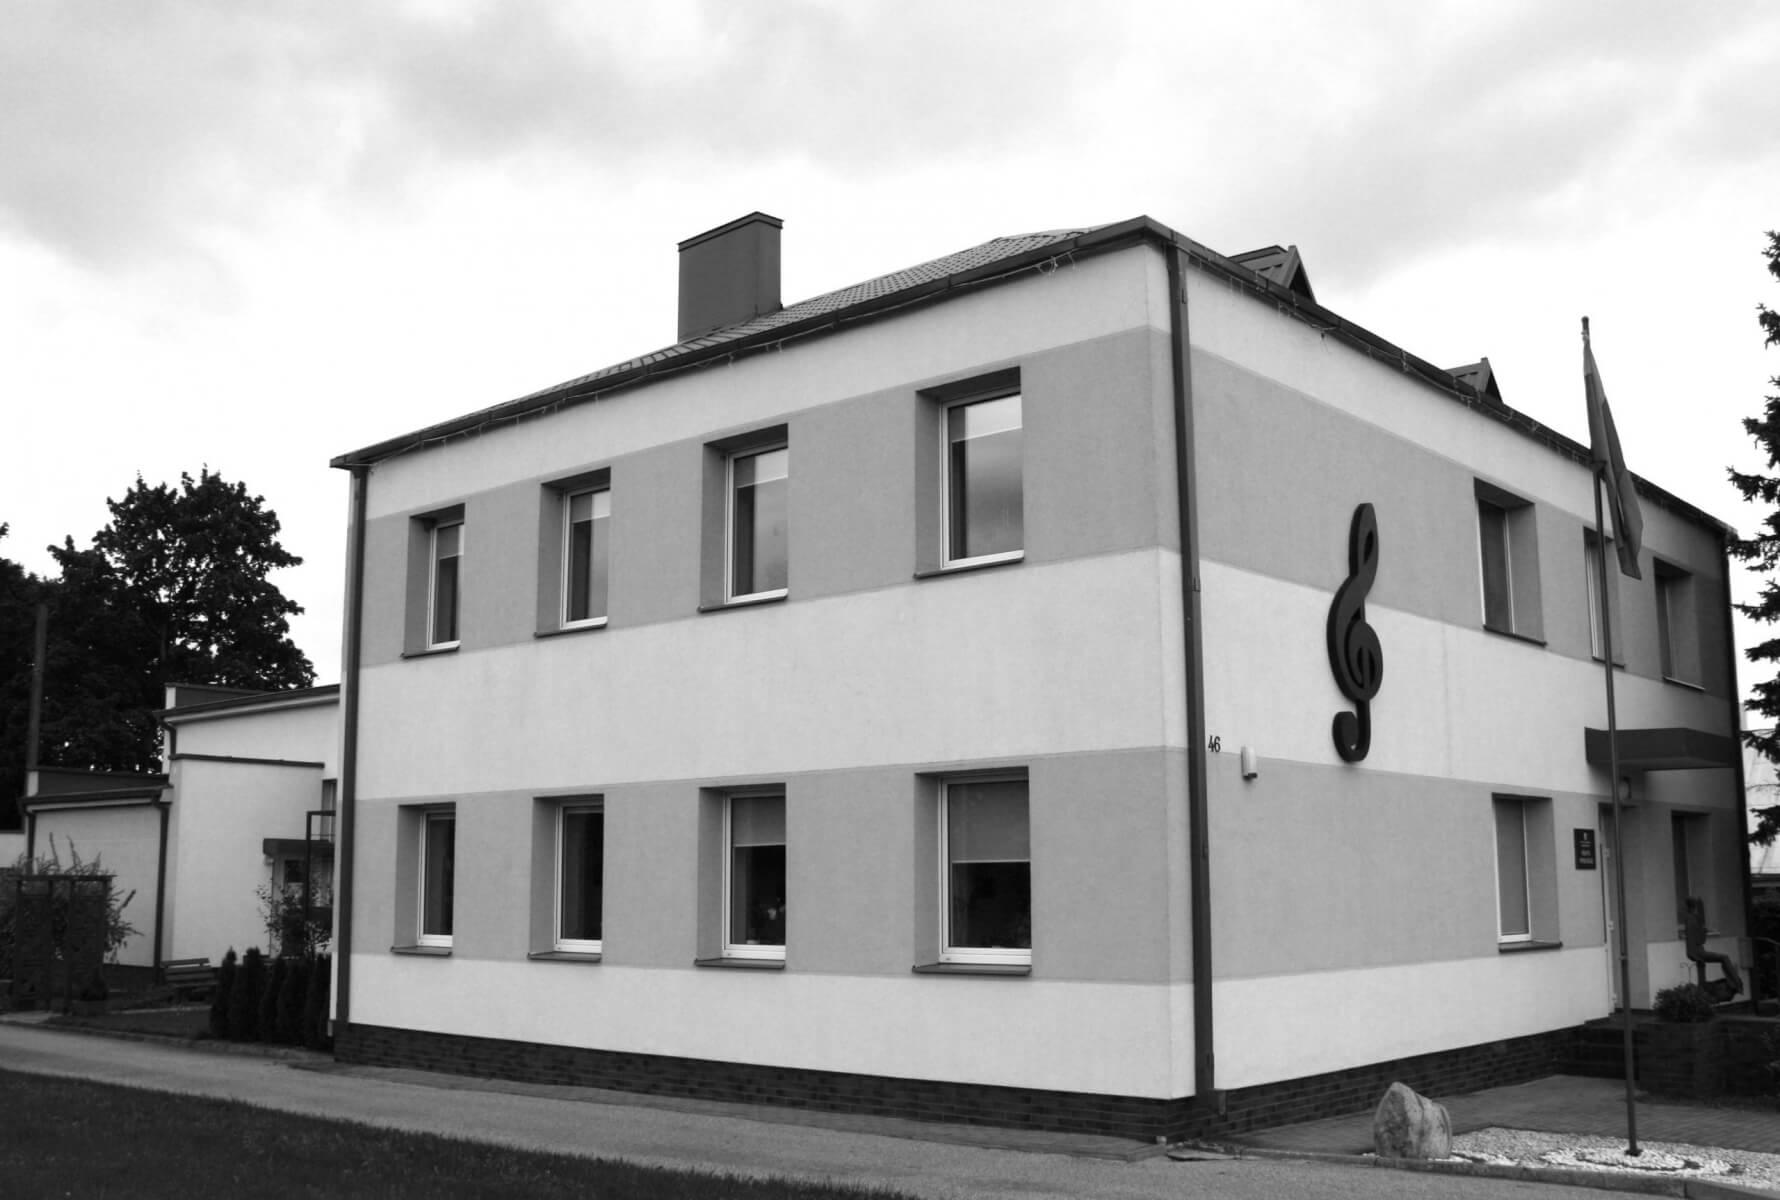 Kupiškio meno mokykla. Pastatas rekonstruotas ir išplėstas 2021 m.